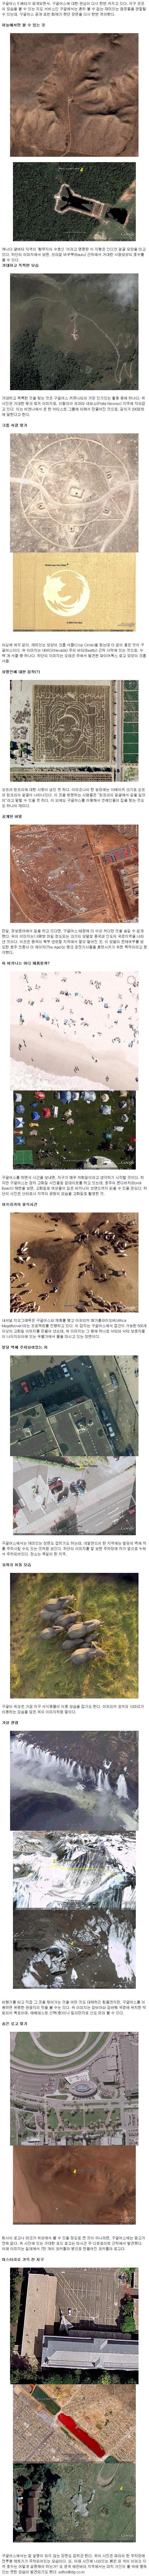 [펌]구글어스에 잡힌 신기한 모습들